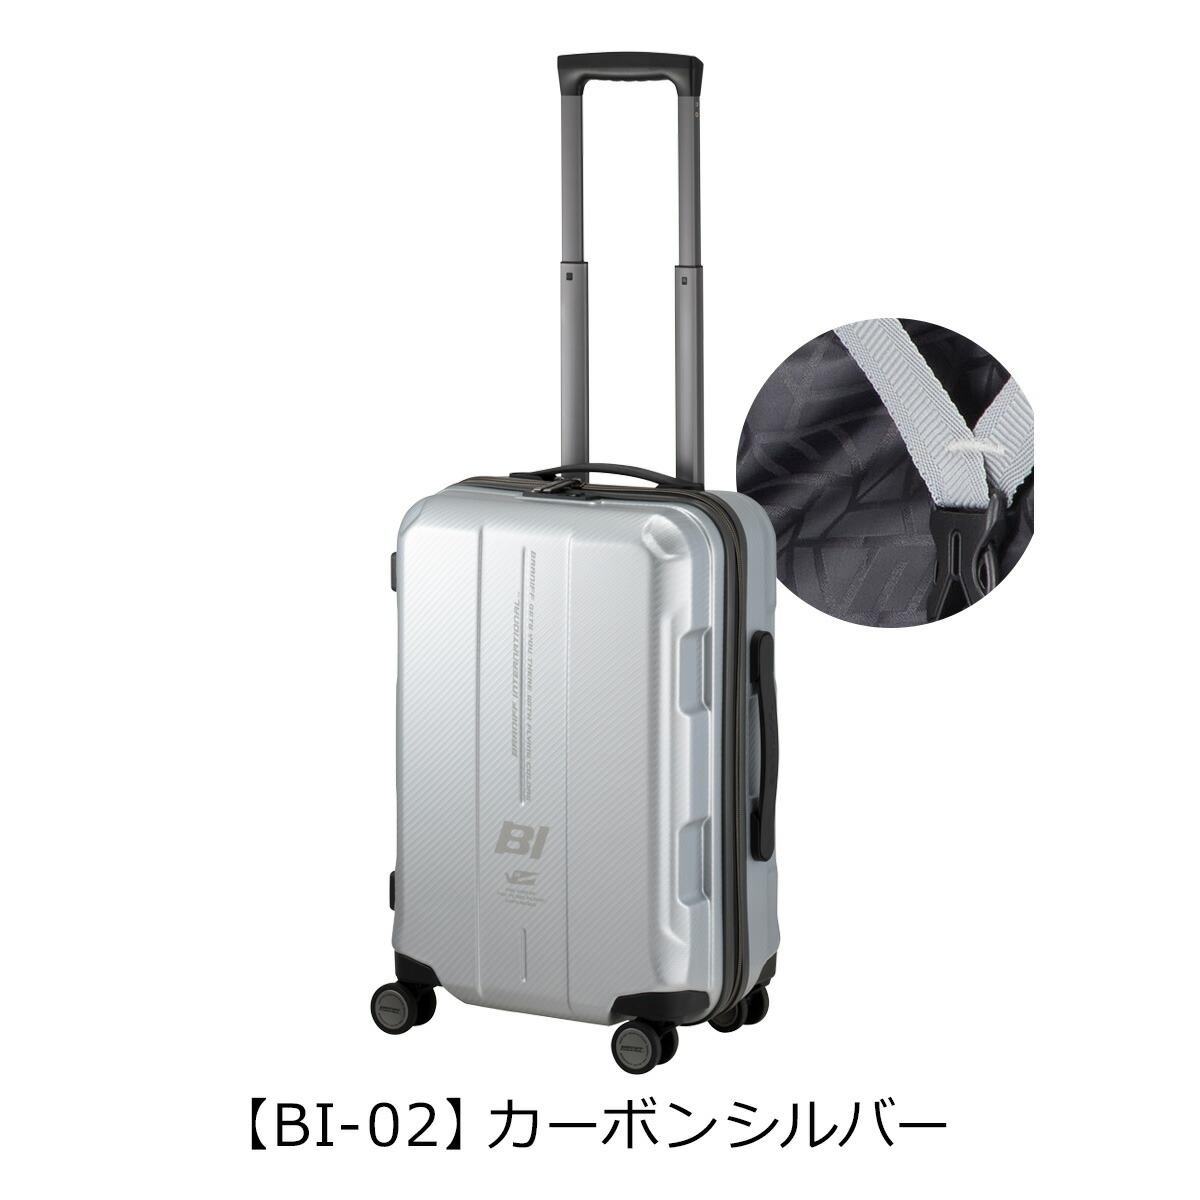 【BI-02】カーボンシルバー